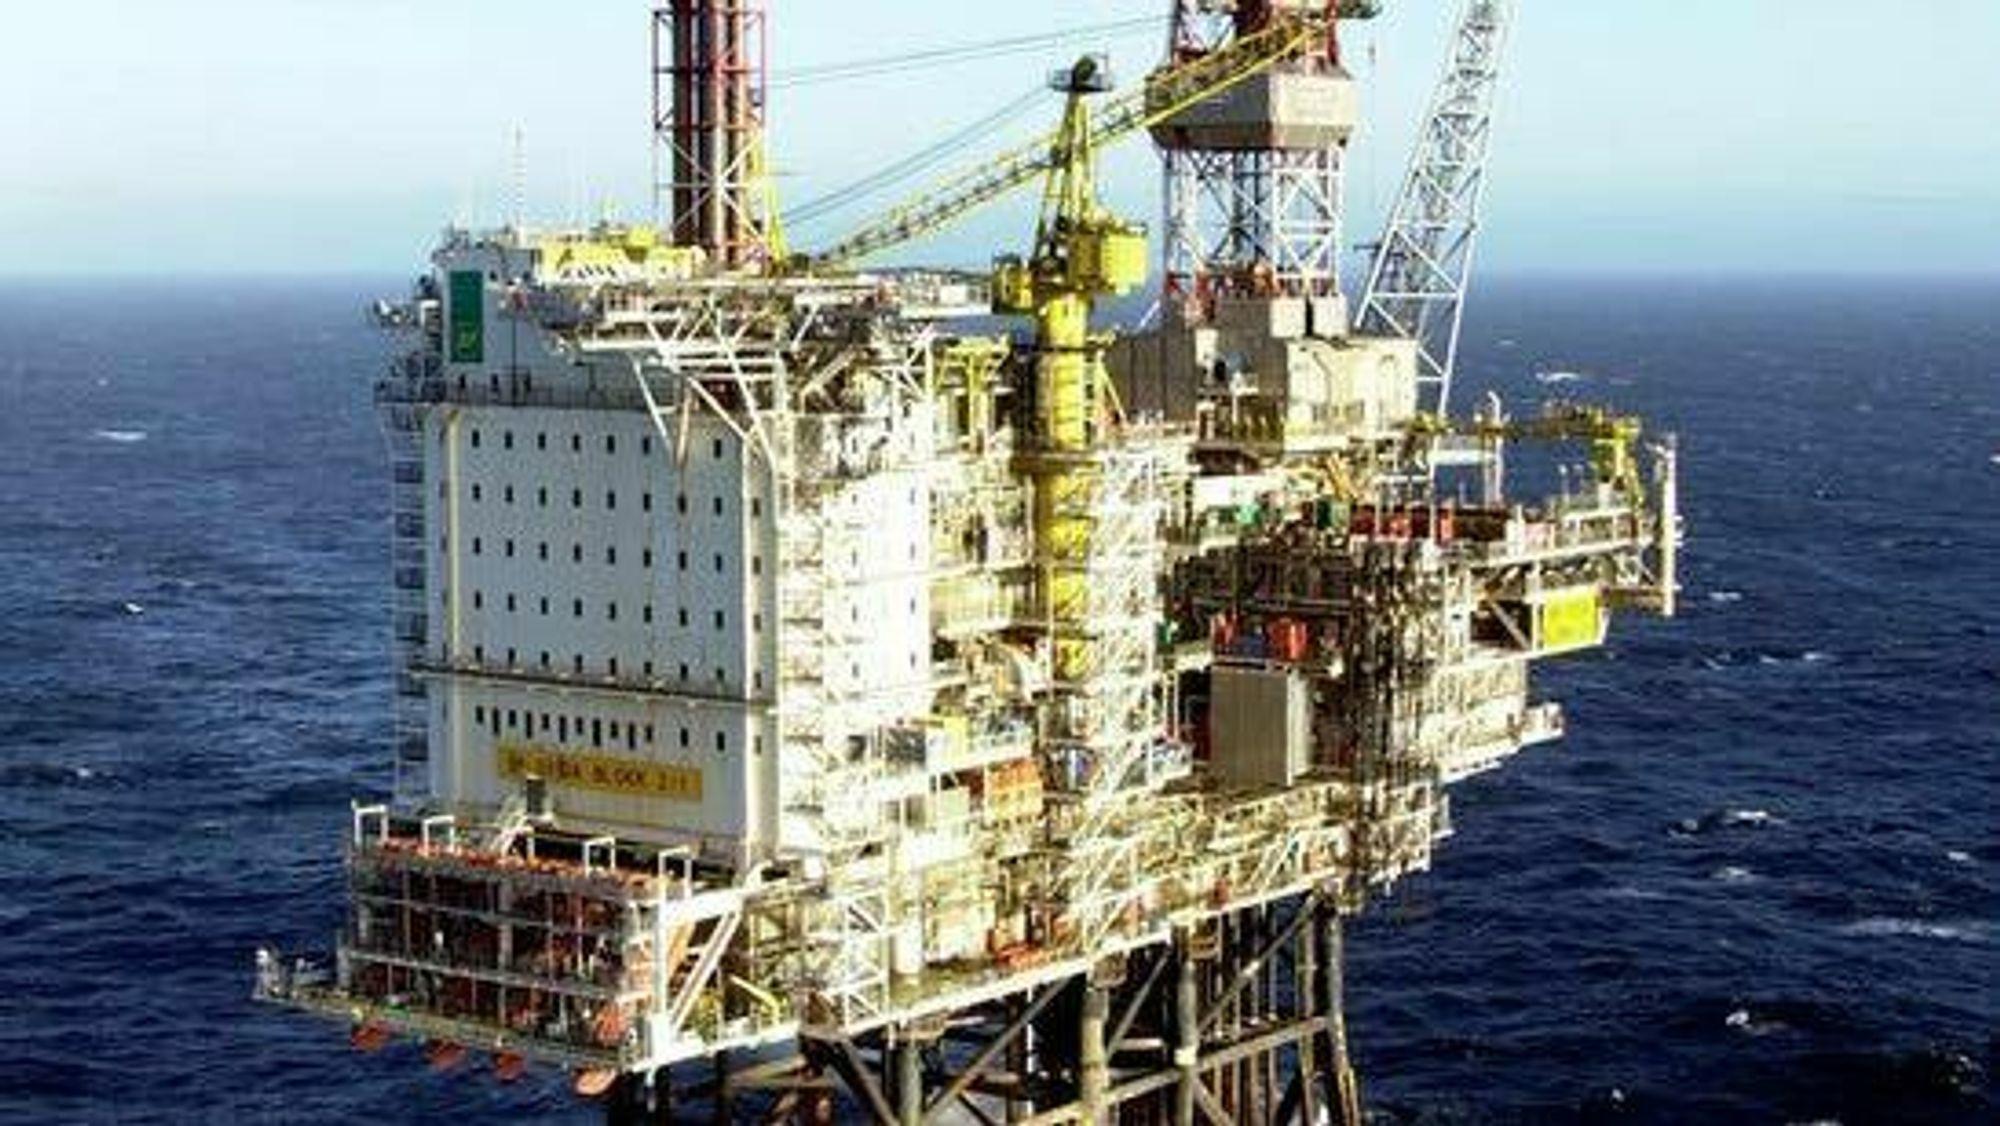 Gyda-feltet til Repsol skal være ferdig avviklet innen 2023. Innen da skal totalt 32 oljebrønner være permanent plugget.